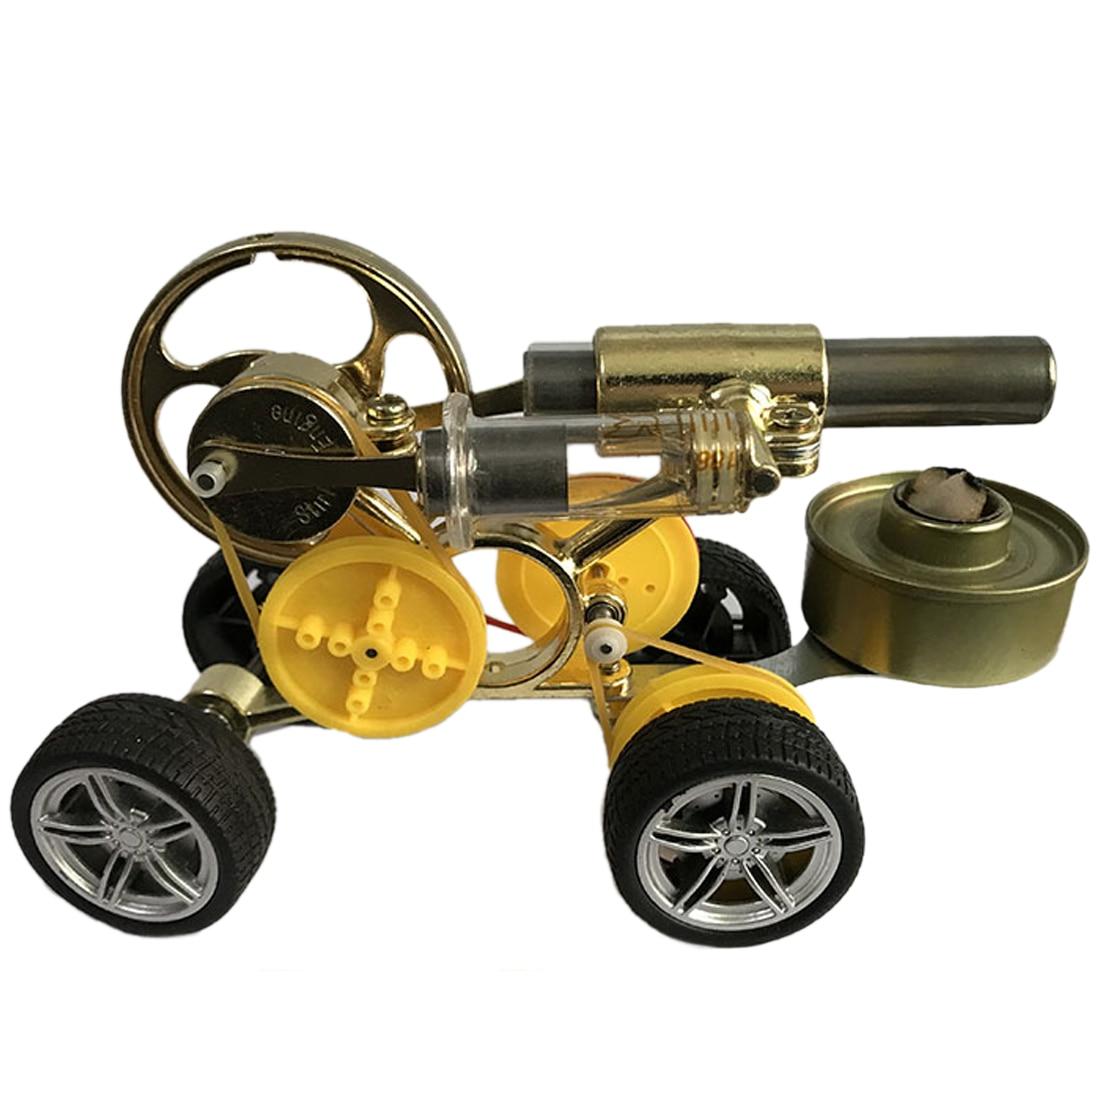 Stirling moteur conduite voiture modèle soutien enfants apprentissage Science ensemble classe enseignement jouet Kit Science éducatif apprentissage jouet - 2